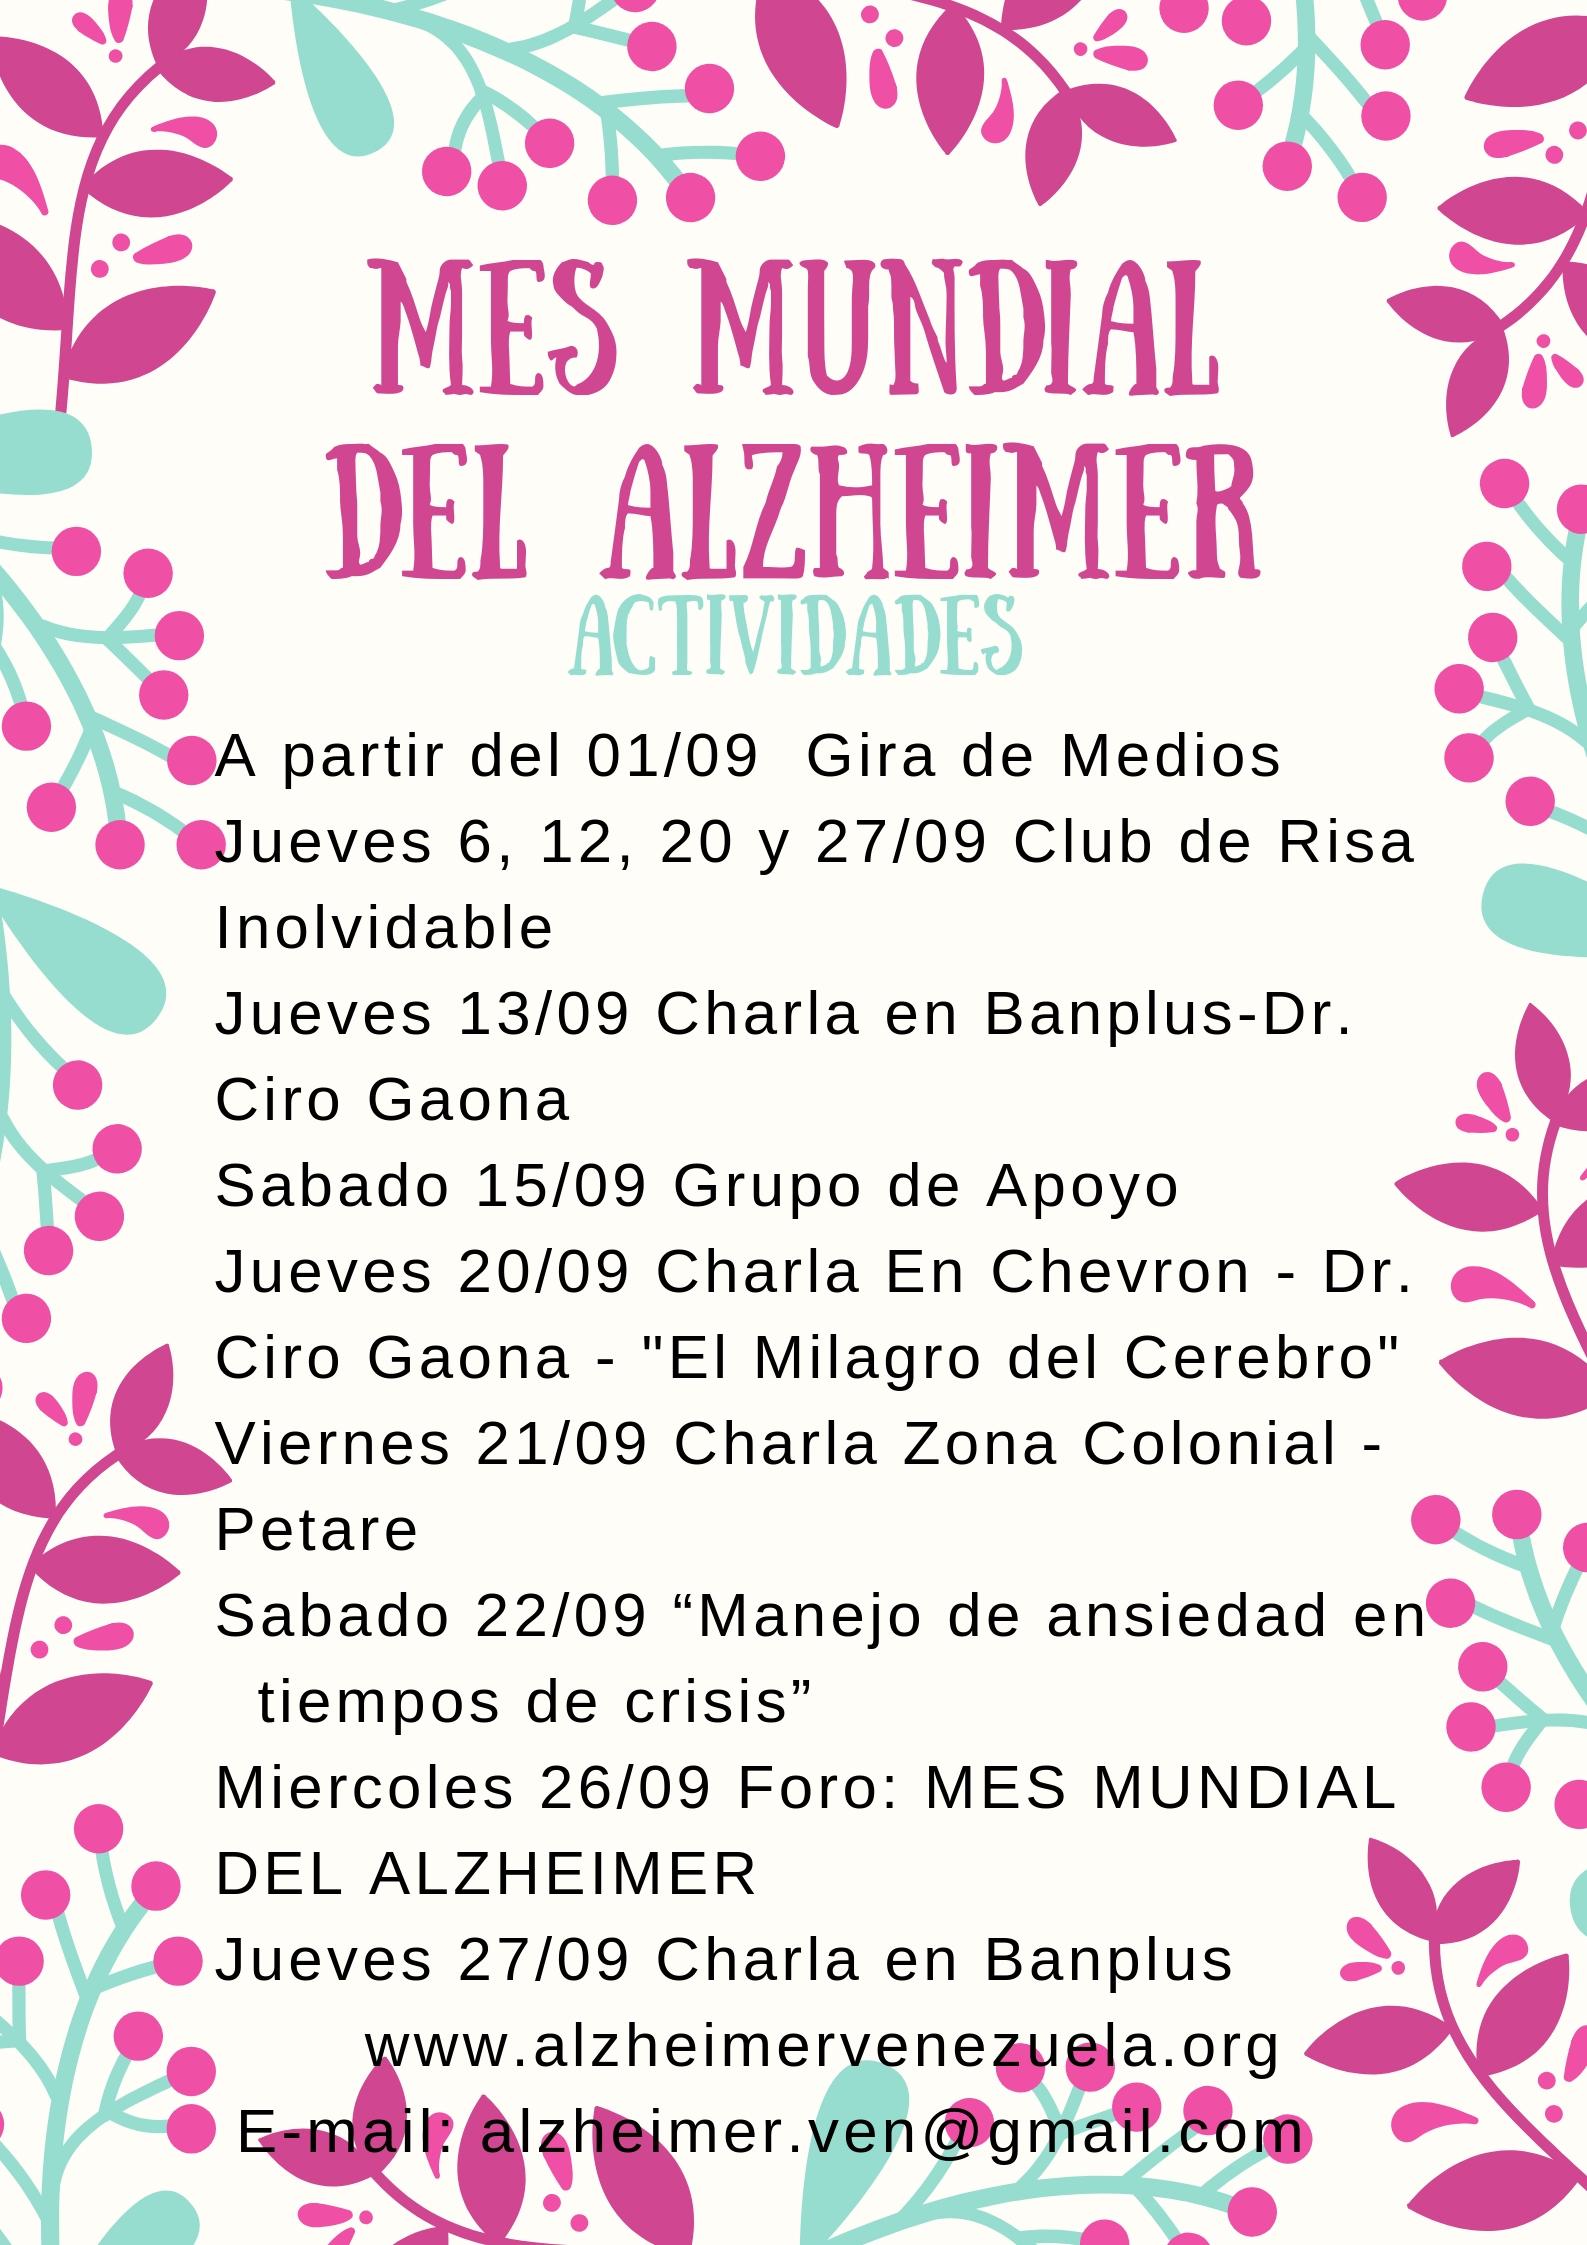 CARACAS MES MUNDIAL DEL ALZHEIMER 2018 RESUMEN DE ACTIVIDADES